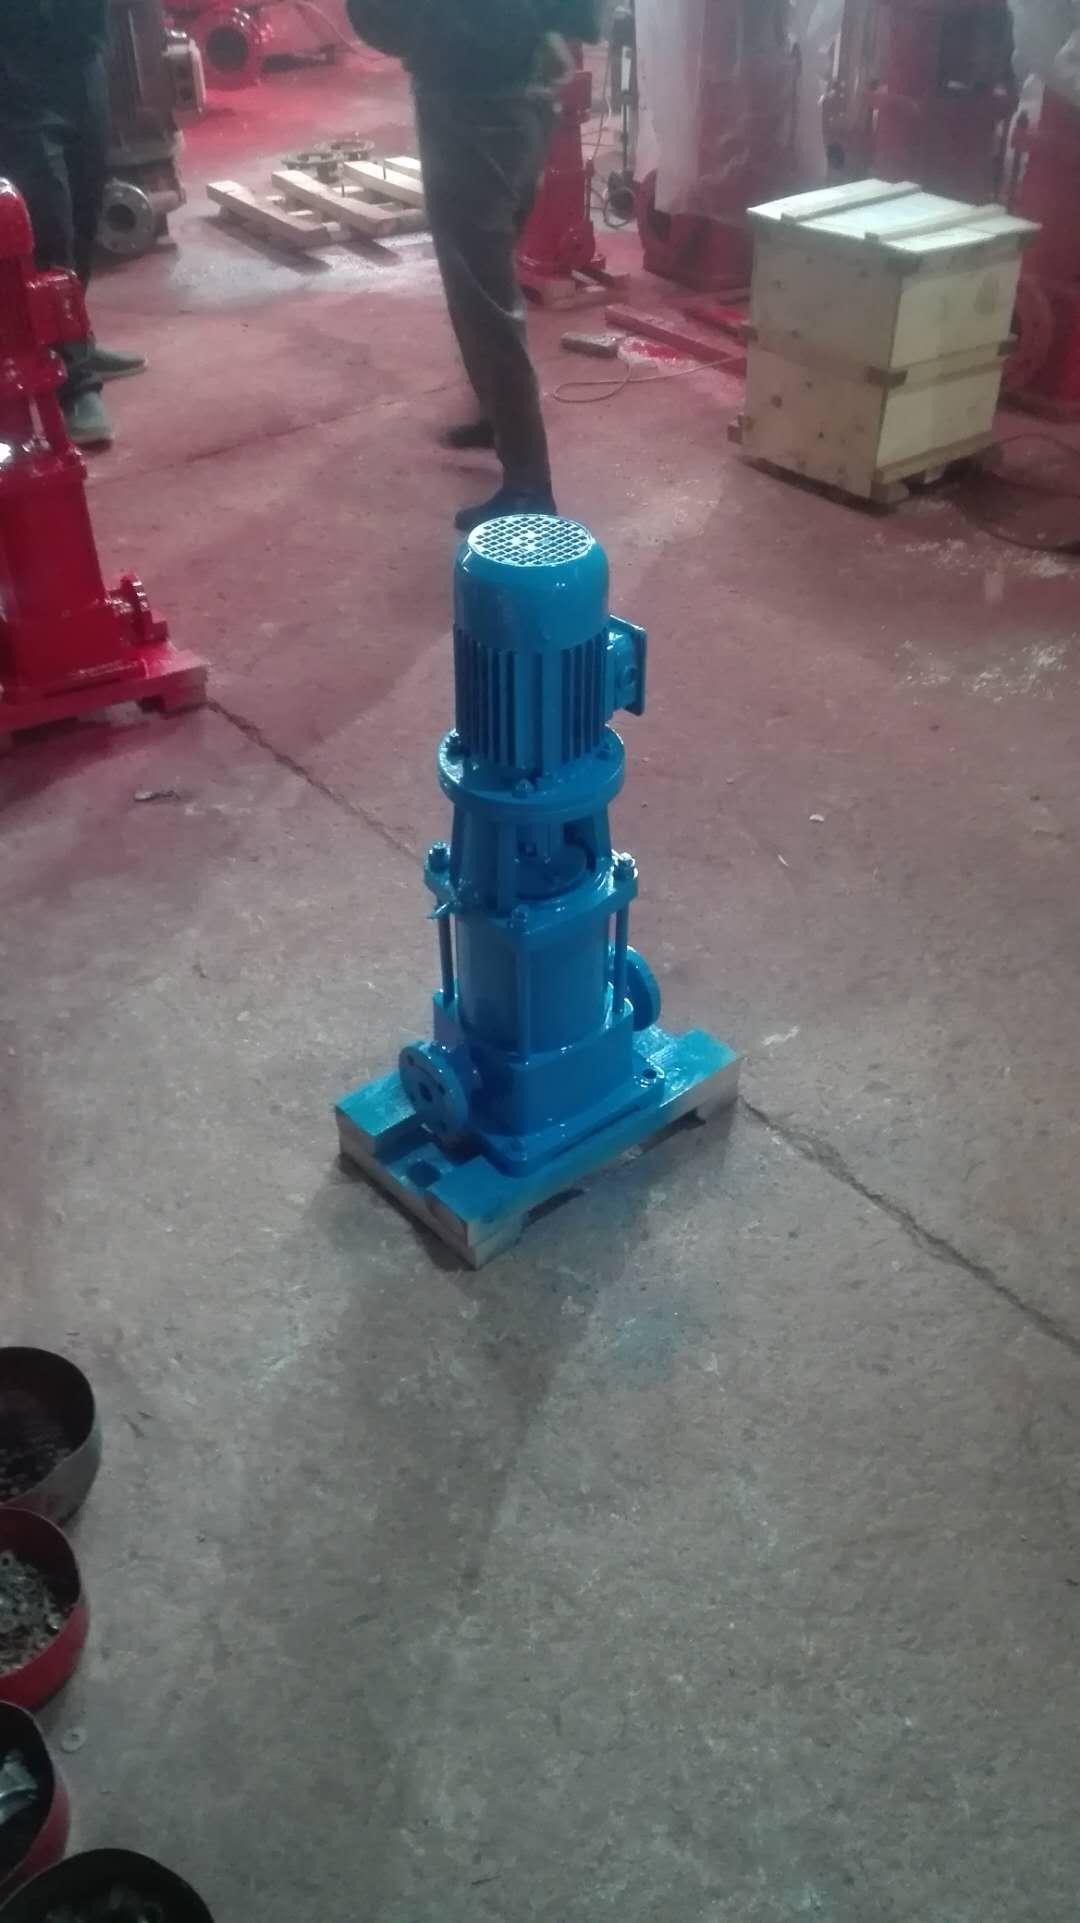 江洋厂家水泵 消火栓泵 喷淋泵XB2.8/13-65L室内消防泵 供应恒压多级泵XB3.0/9-65L